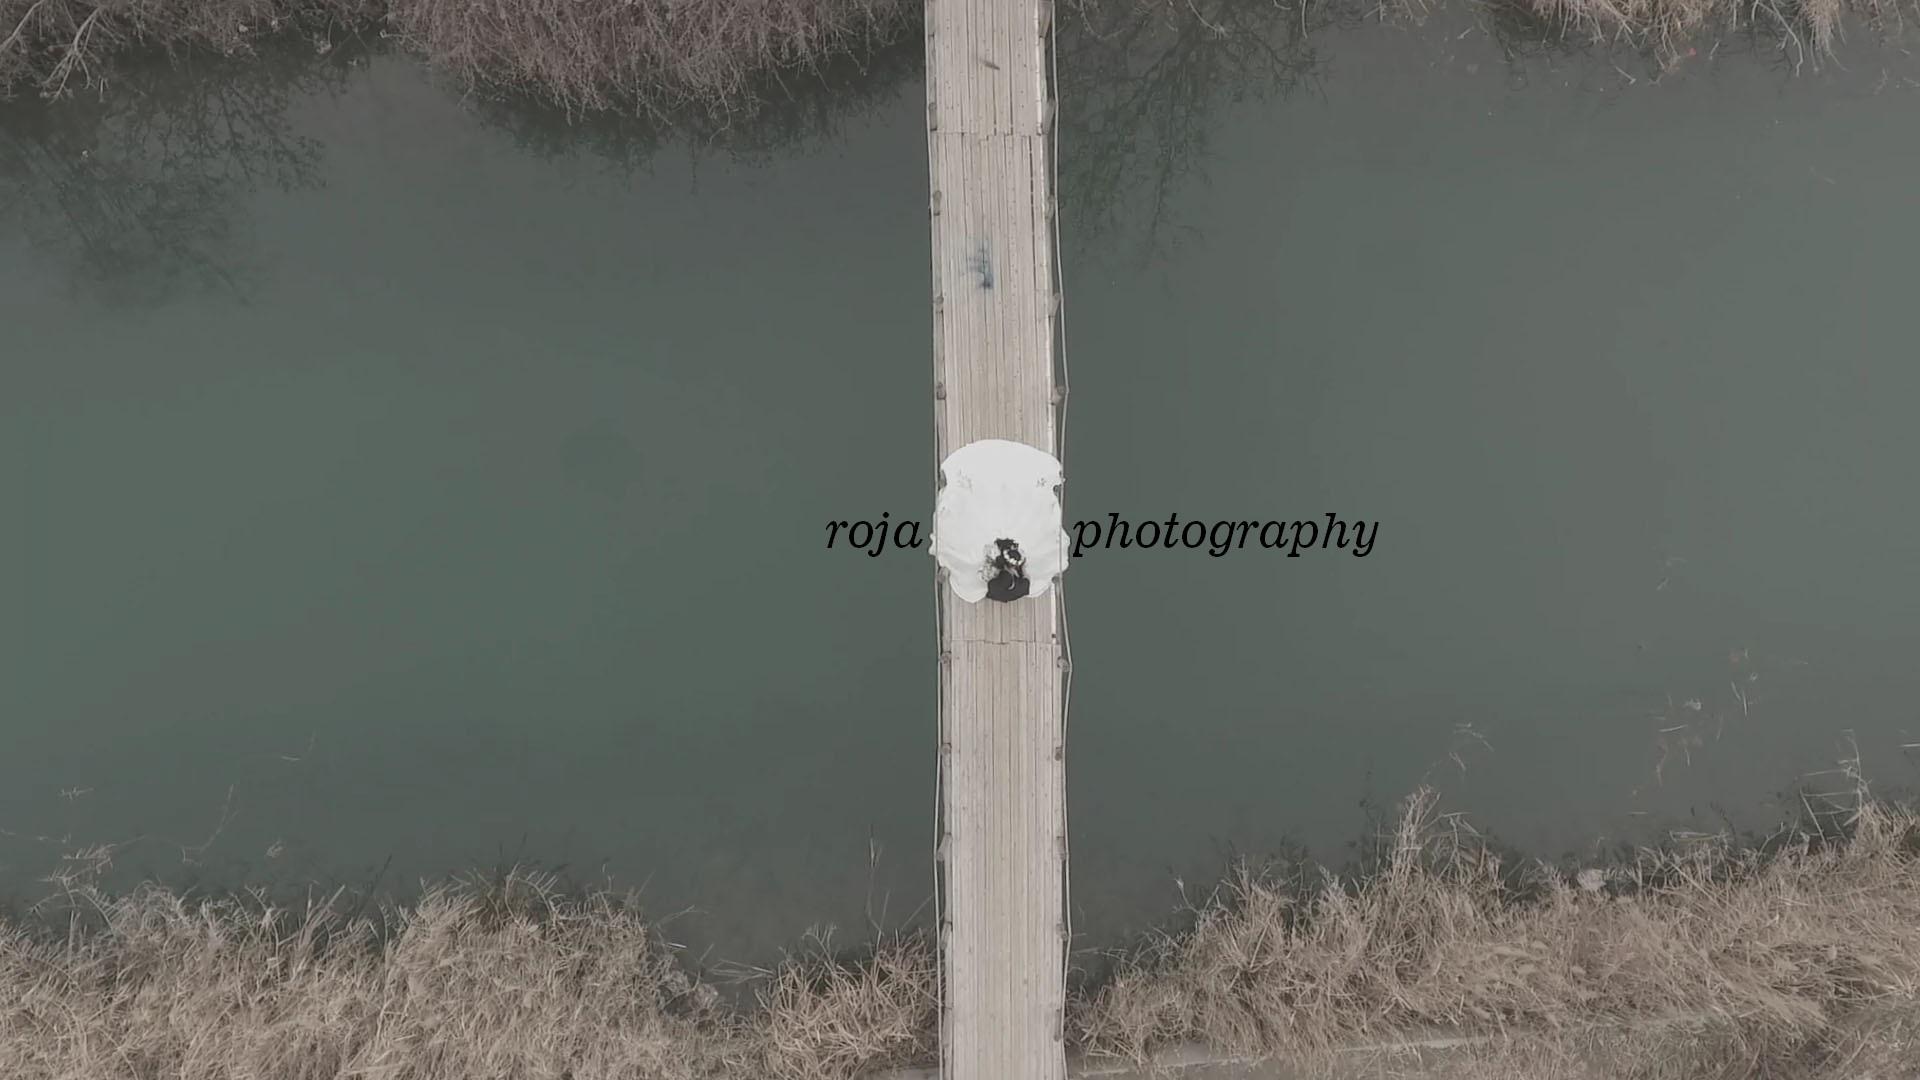 استودیو عکس و فیلم روجا   پل و رودخانه